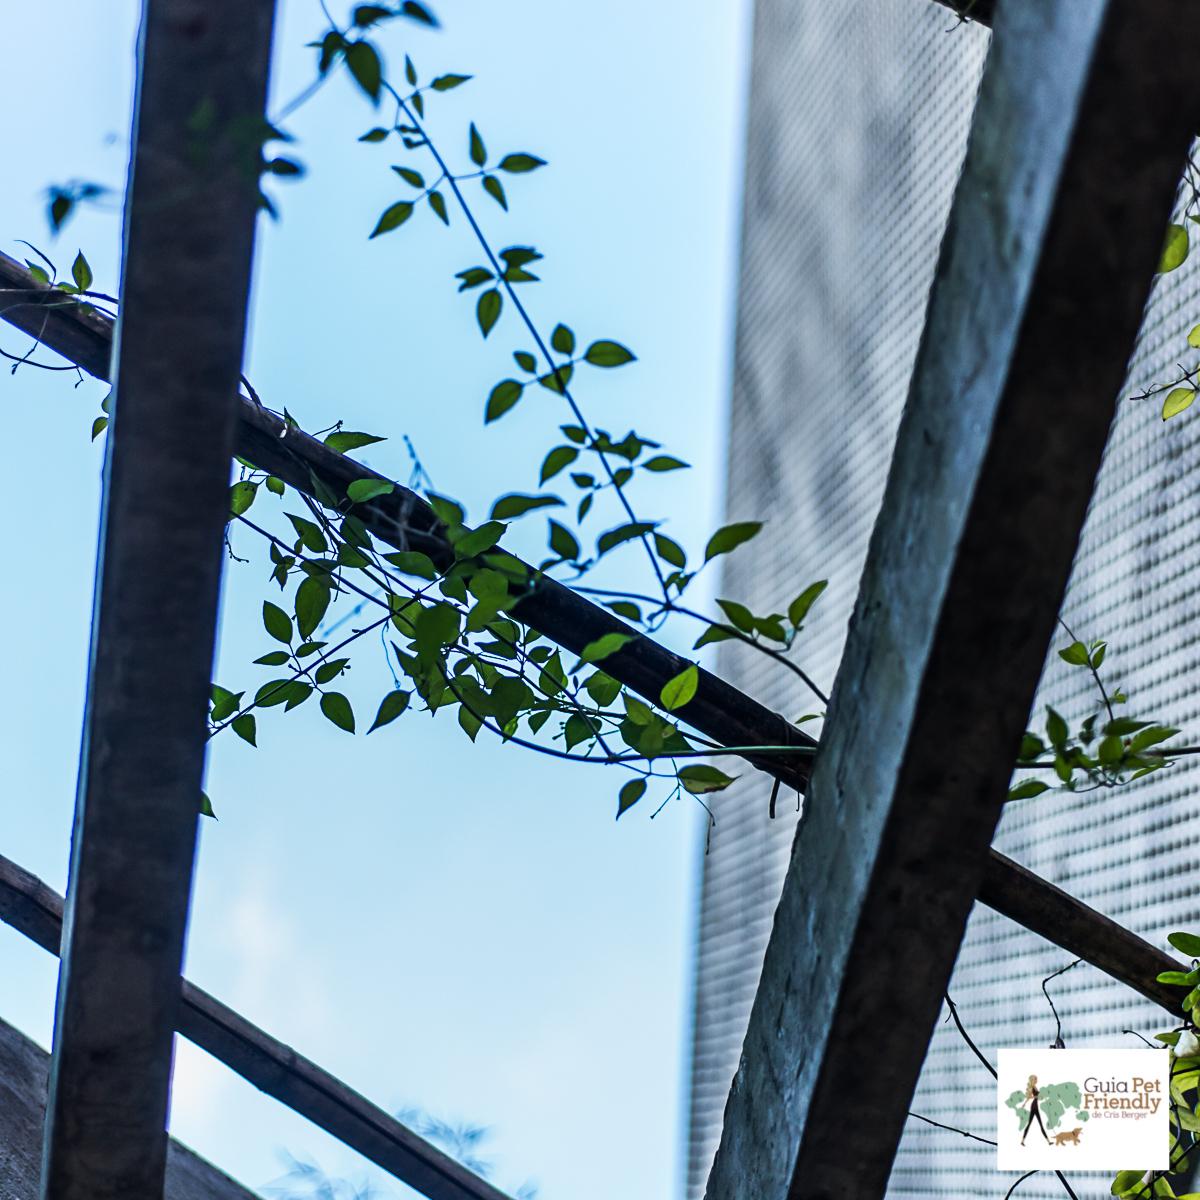 galho de planta, céu e prédio ao fundo